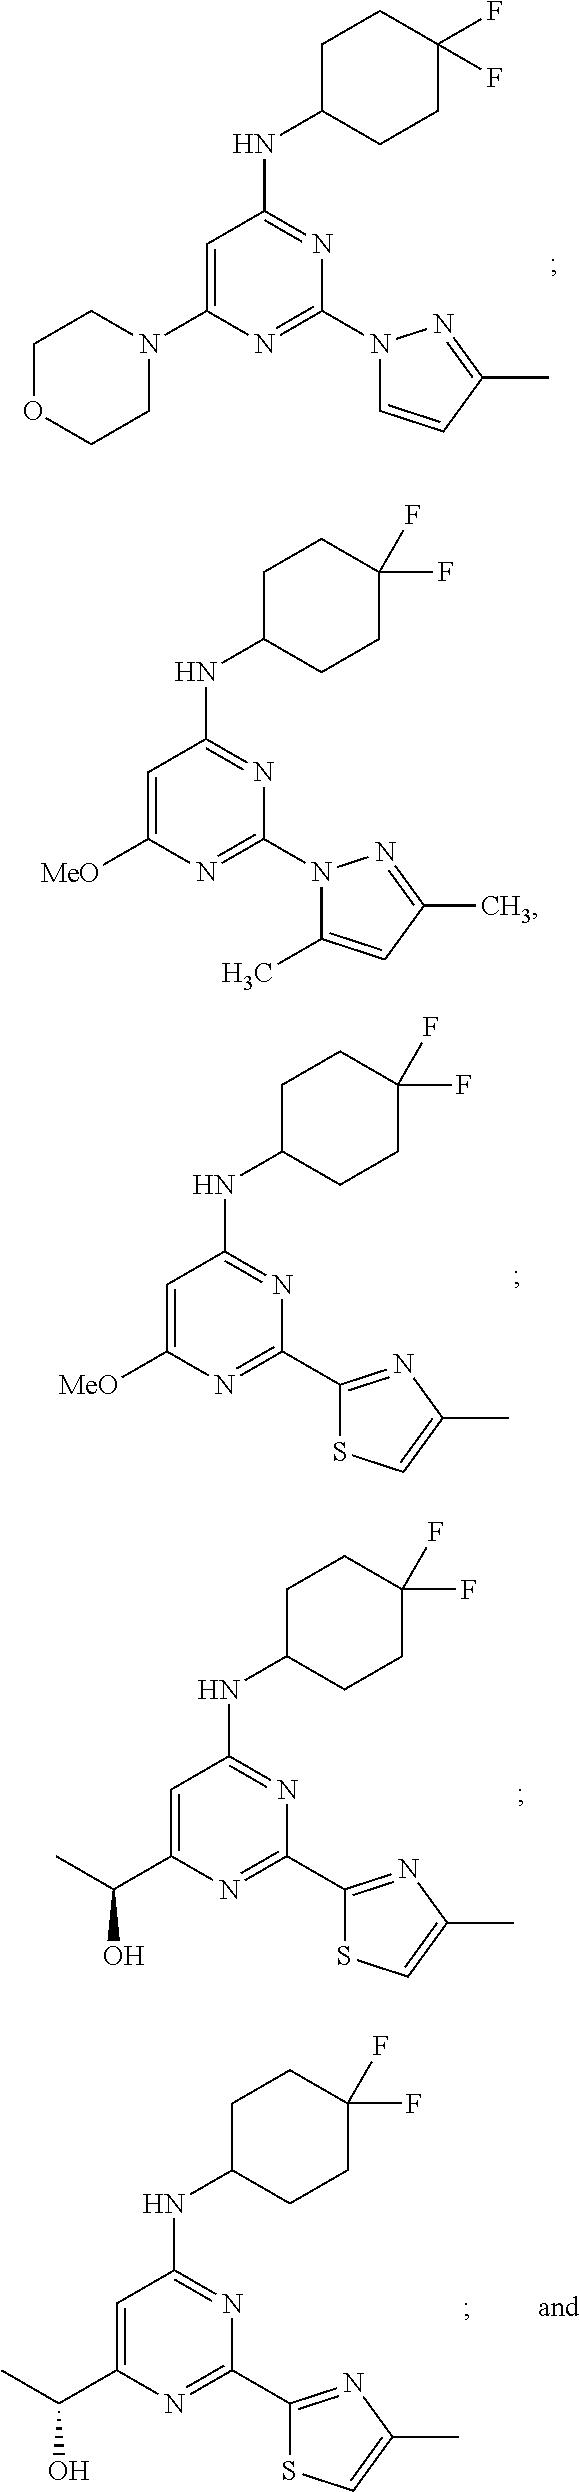 Figure US09975886-20180522-C00003